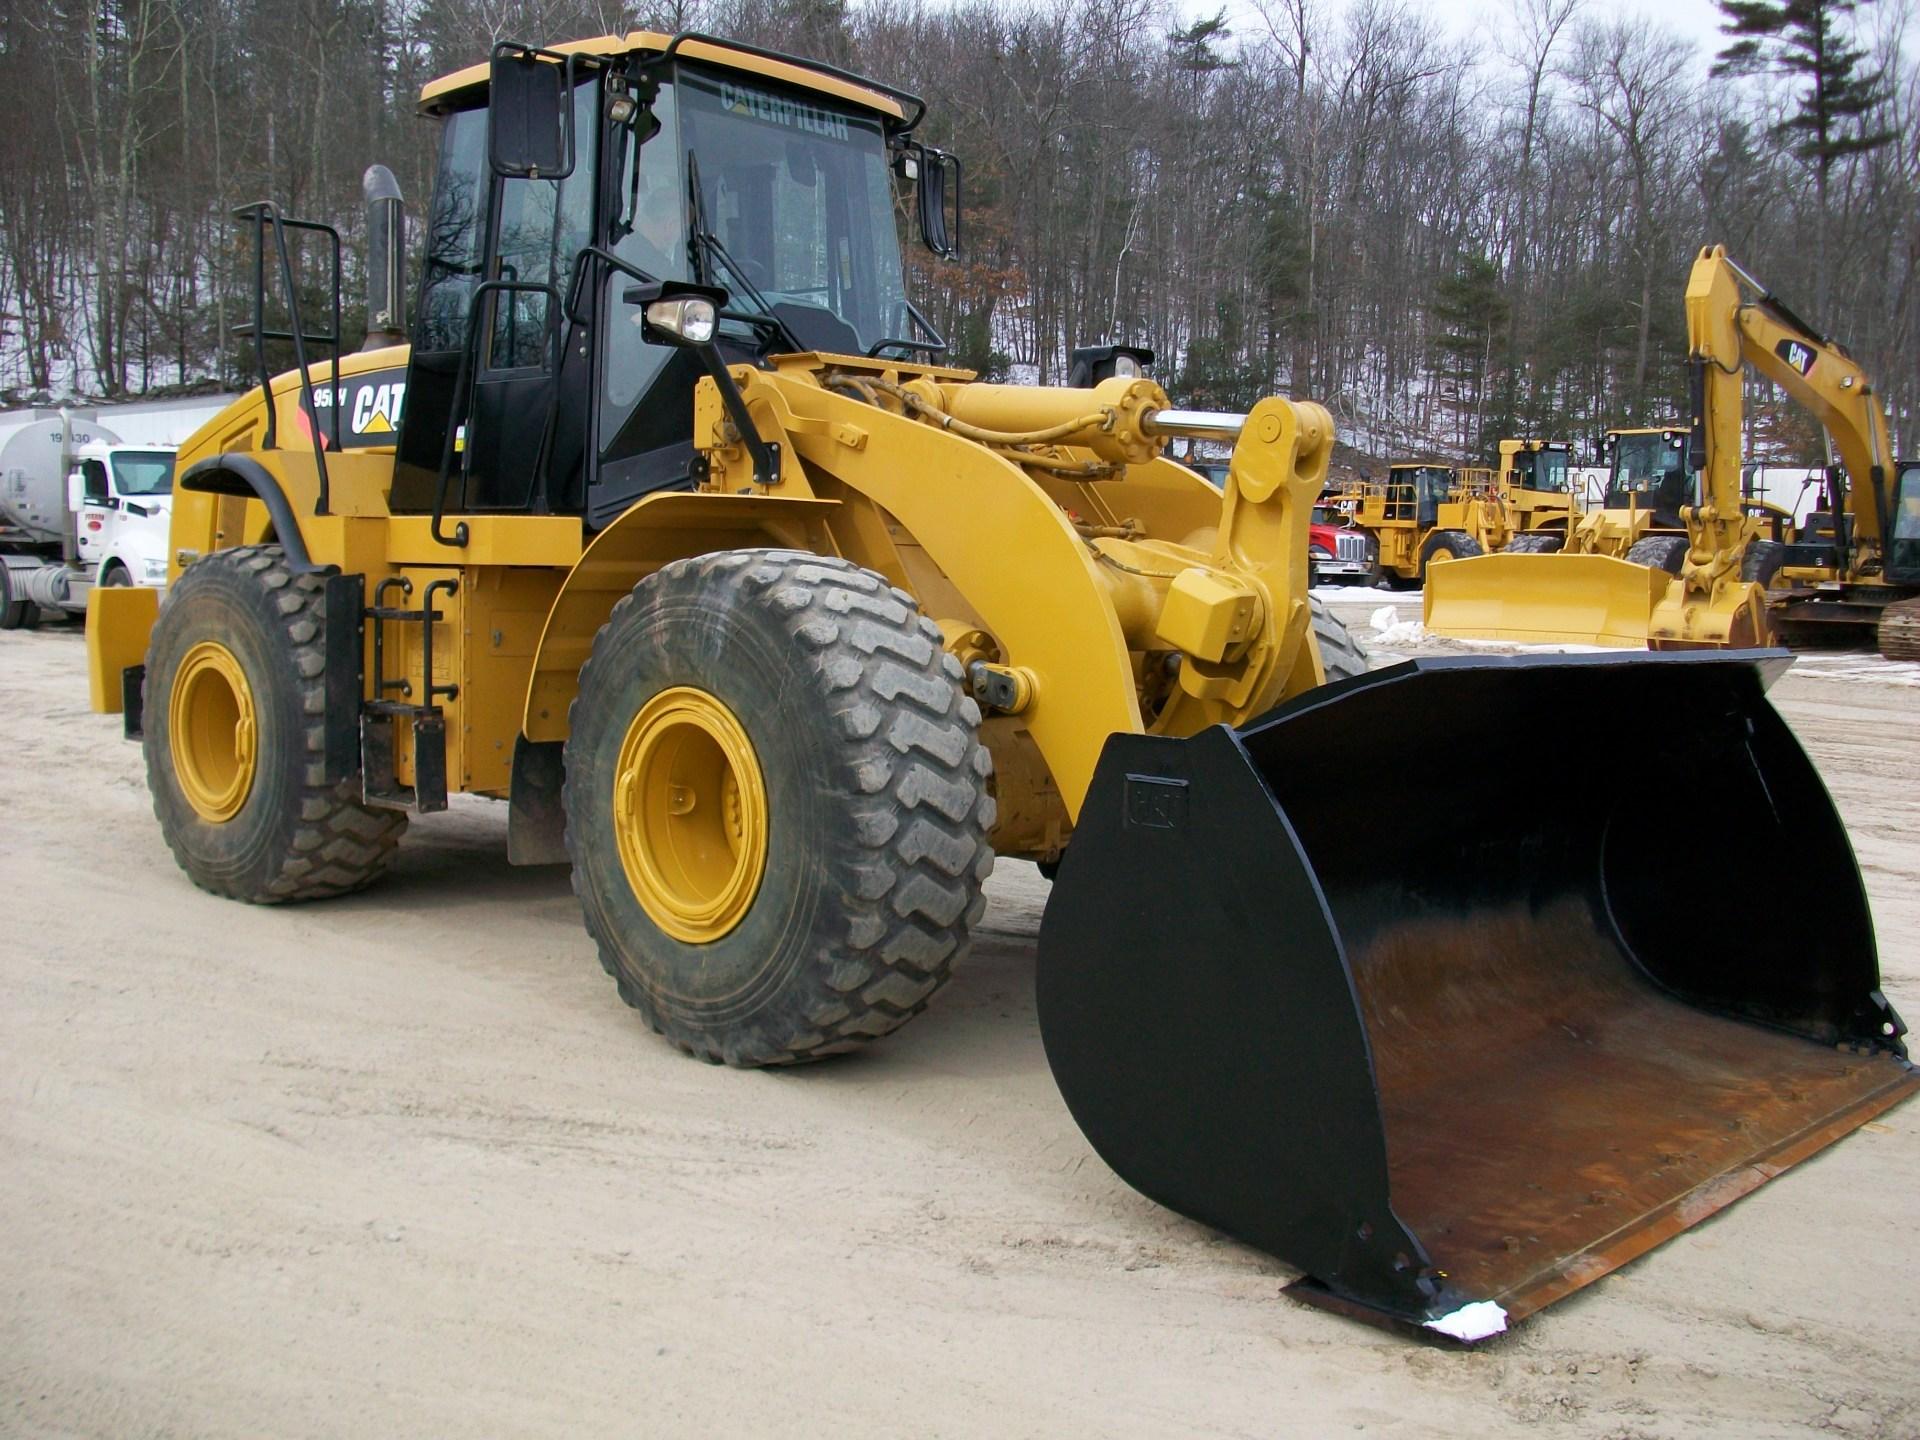 2011 CAT 950H, $125,000